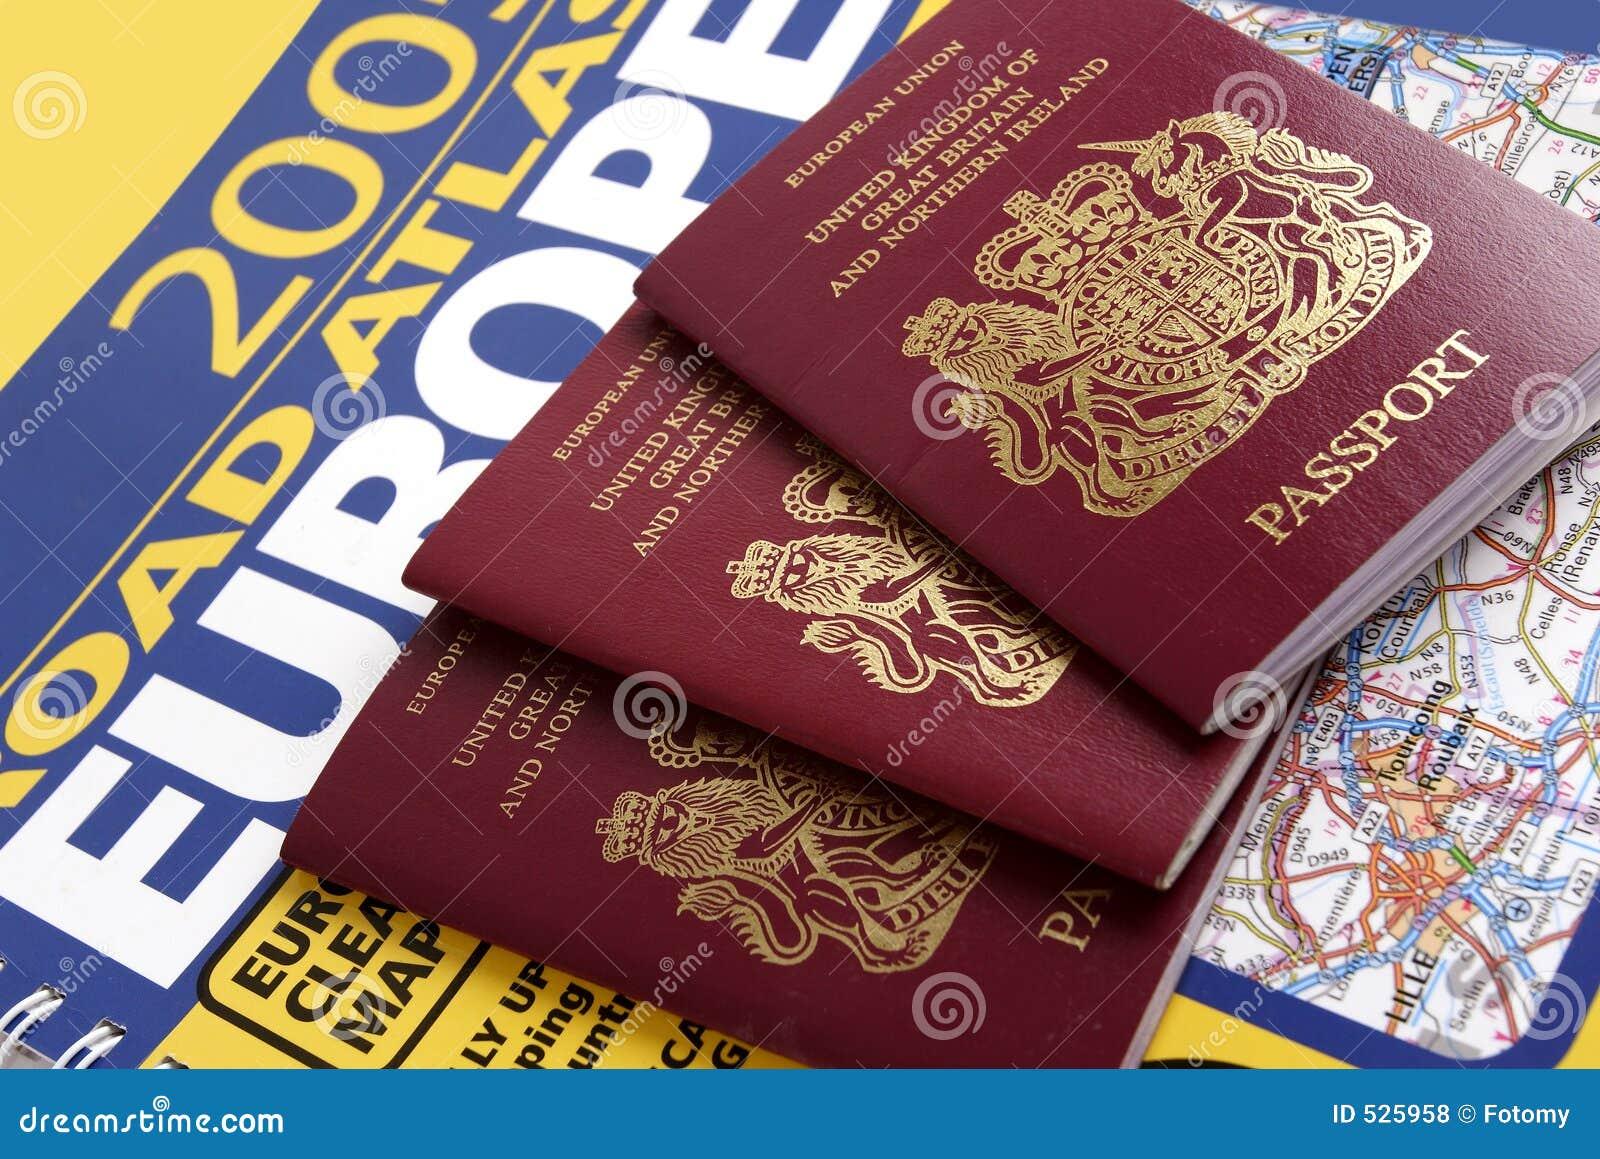 Download 英国护照 库存照片. 图片 包括有 识别, 控制, 欧洲, 熟悉, 移民, 移居, 查出, britney, 确定 - 525958